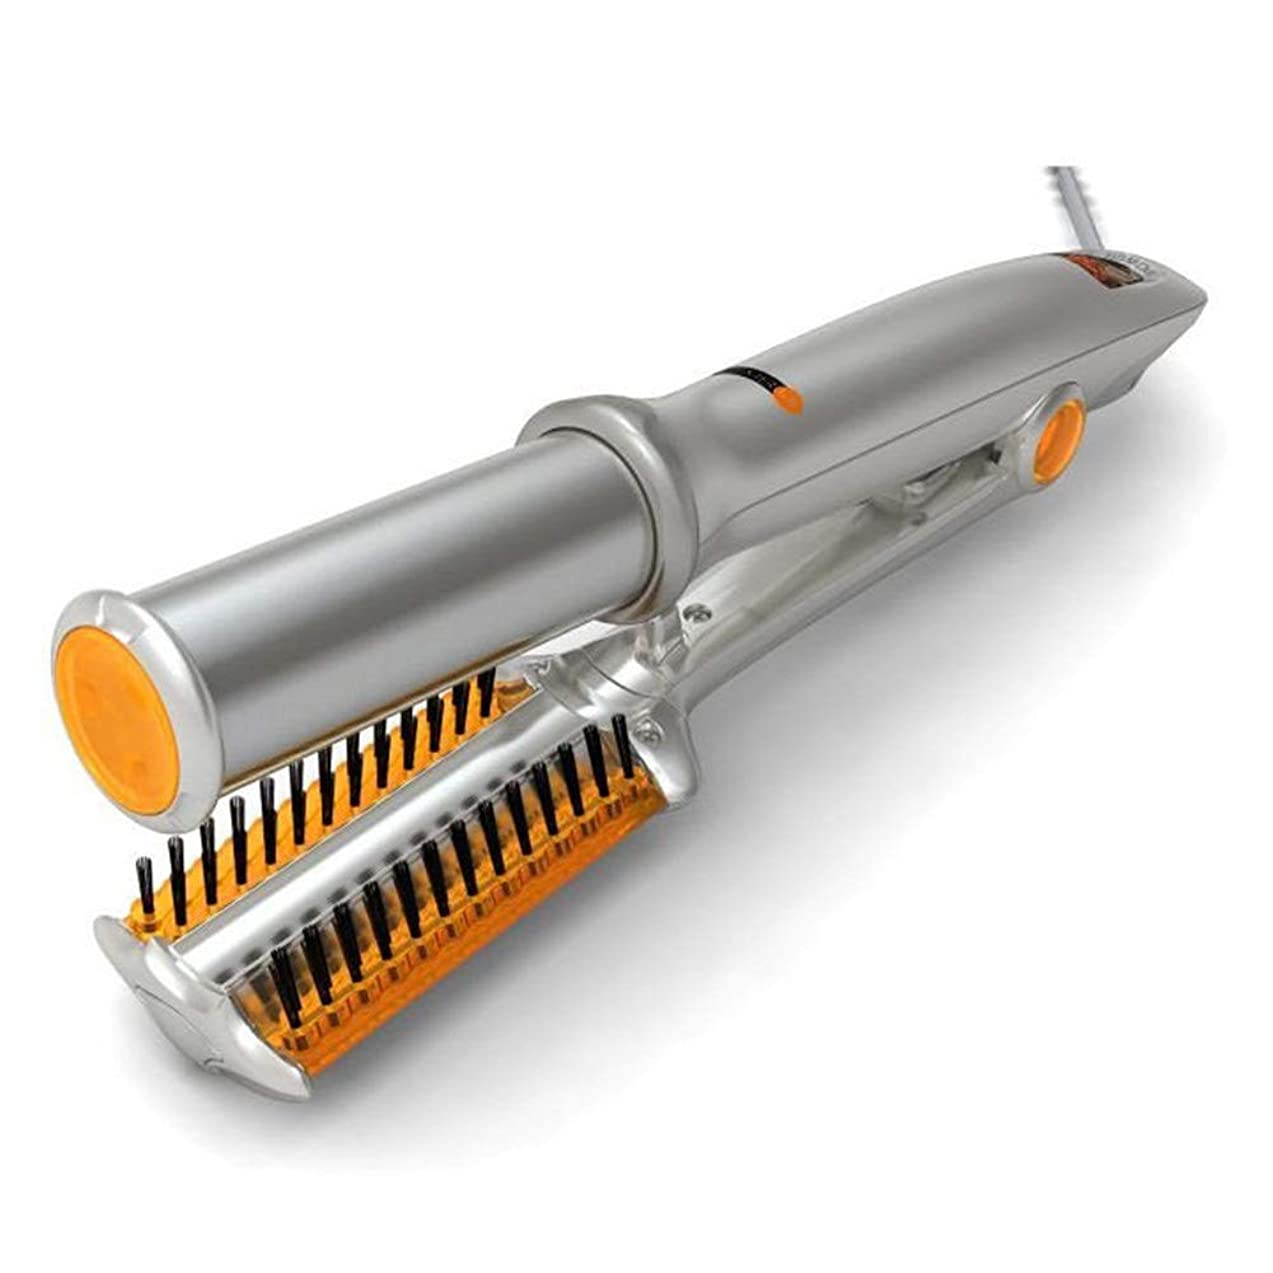 排除電話するシンボル2回転式アイロン、セラミックスコーティングヘアカーラーヘアストレートナー、温度制御付き濡れたままのヘアストレートカールトング